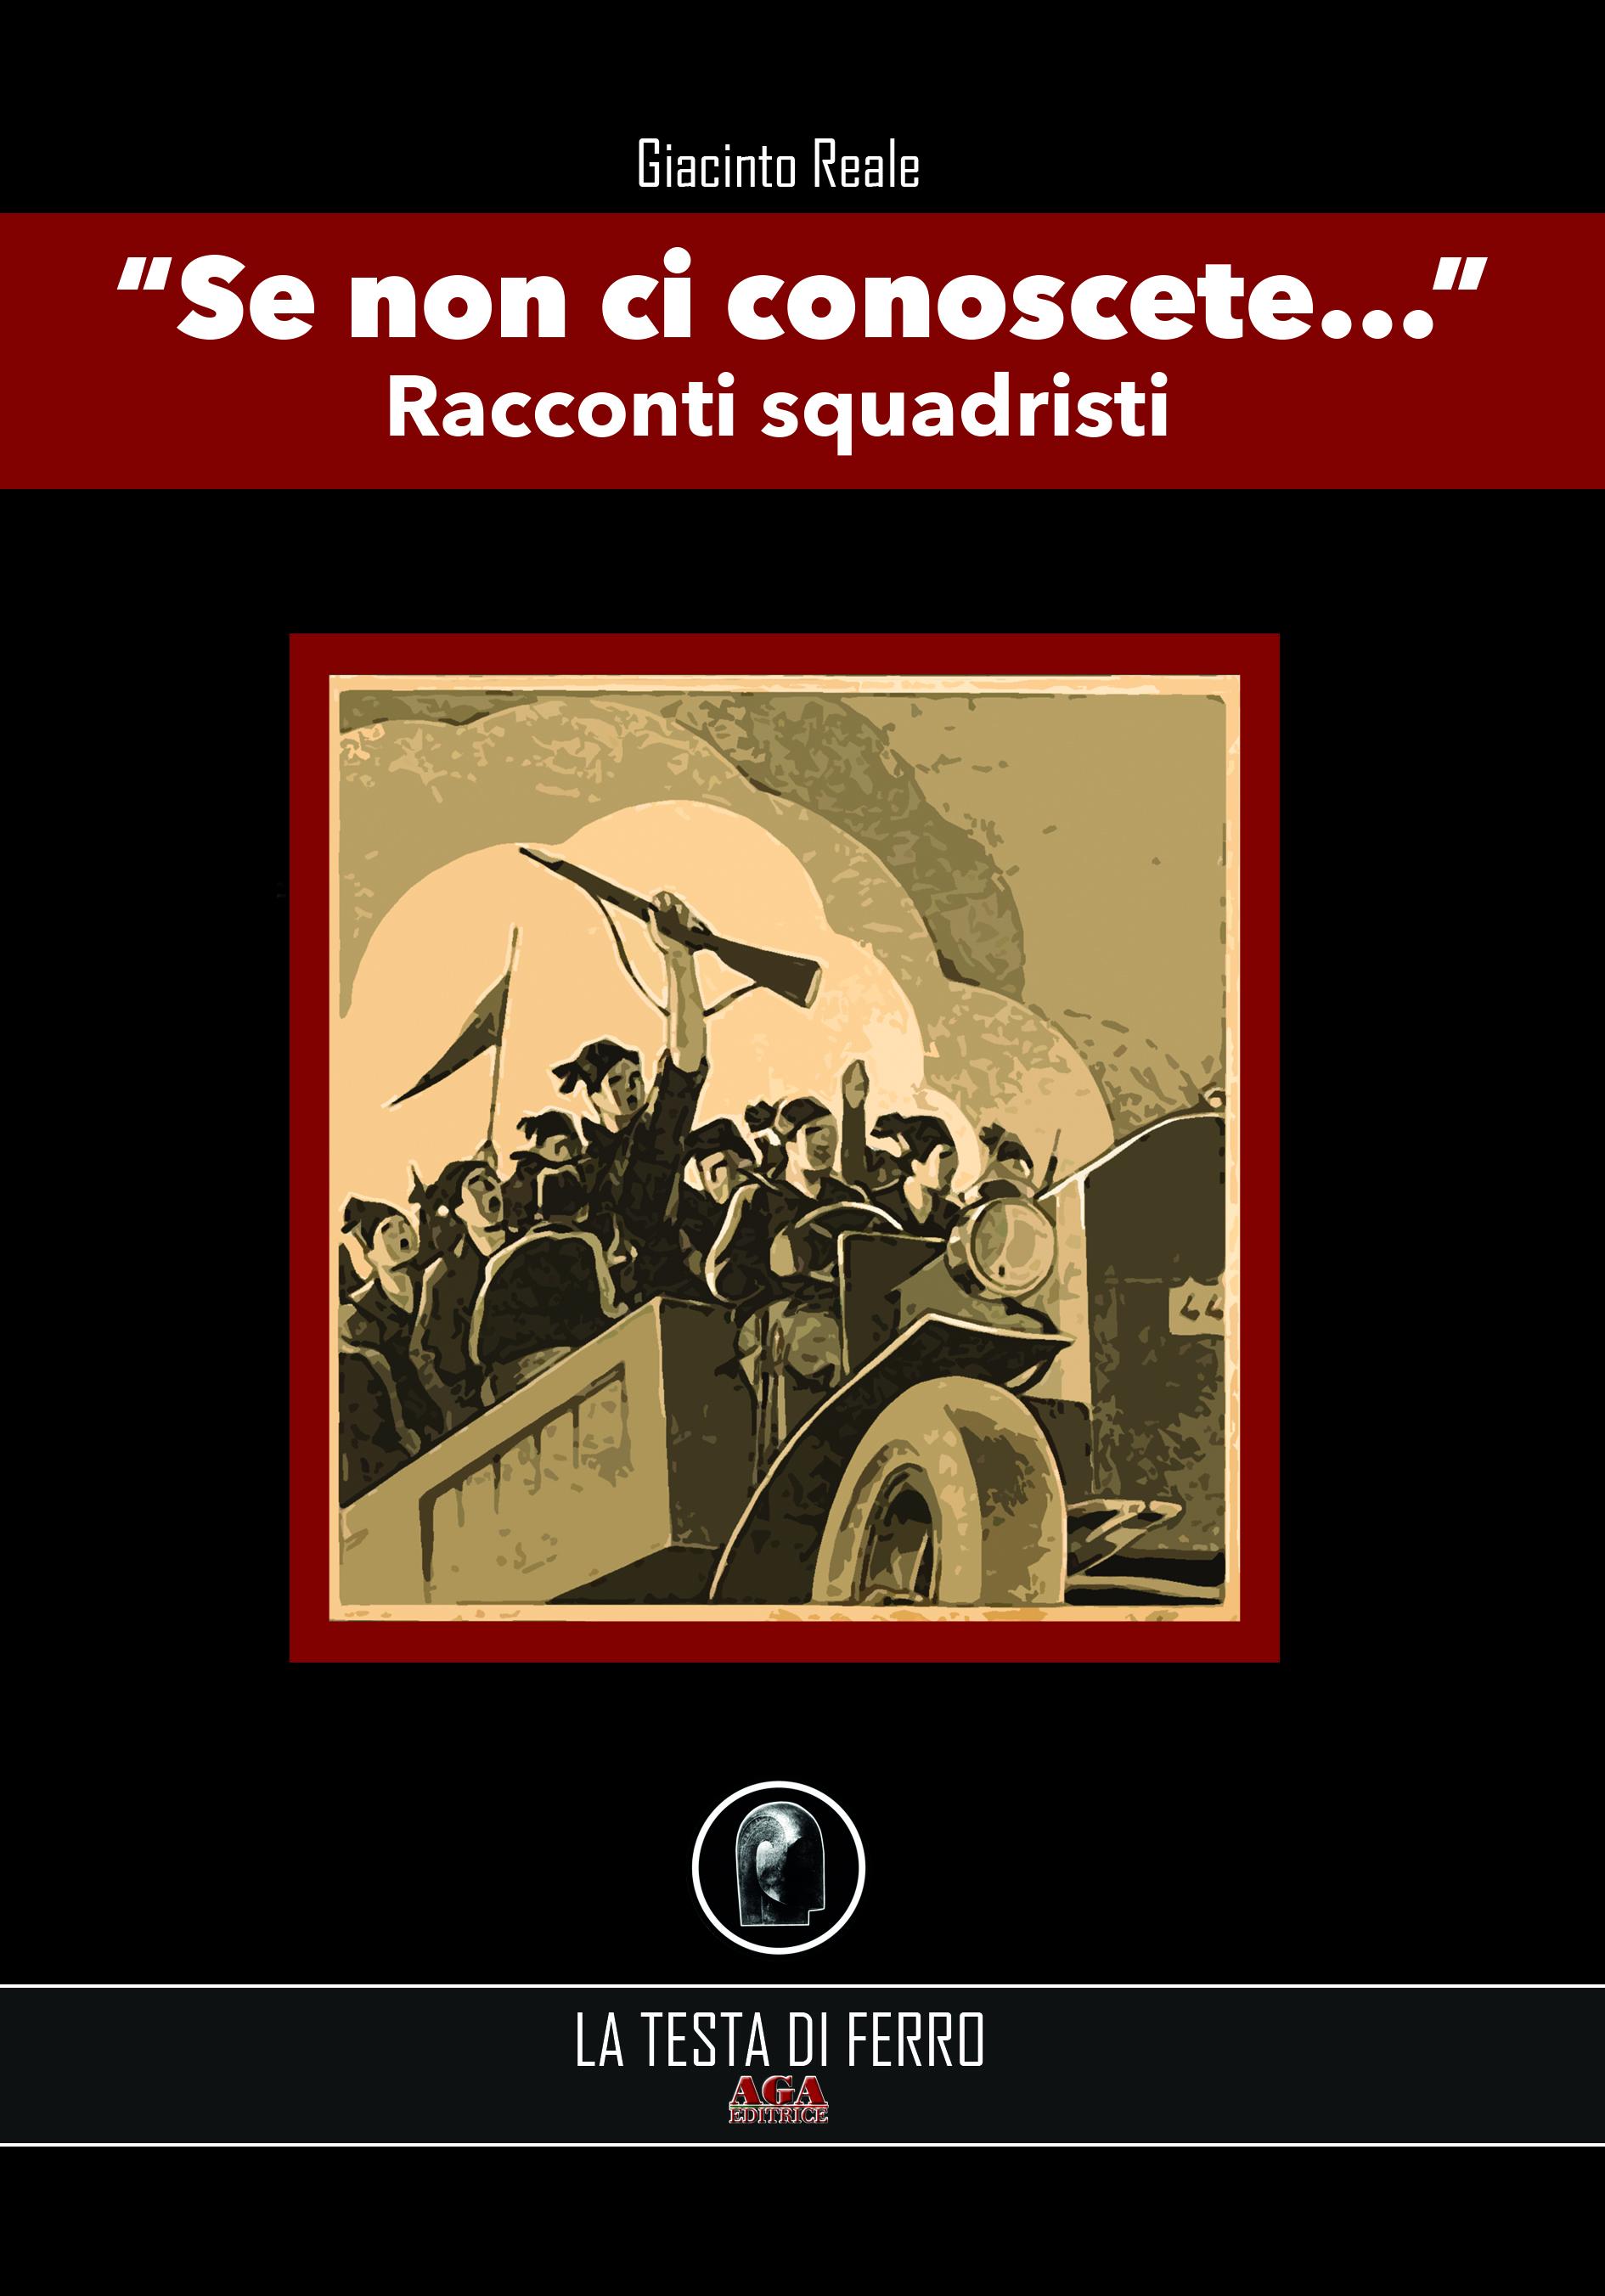 Racconti Squadristi – recensione di Mario Michele Merlino